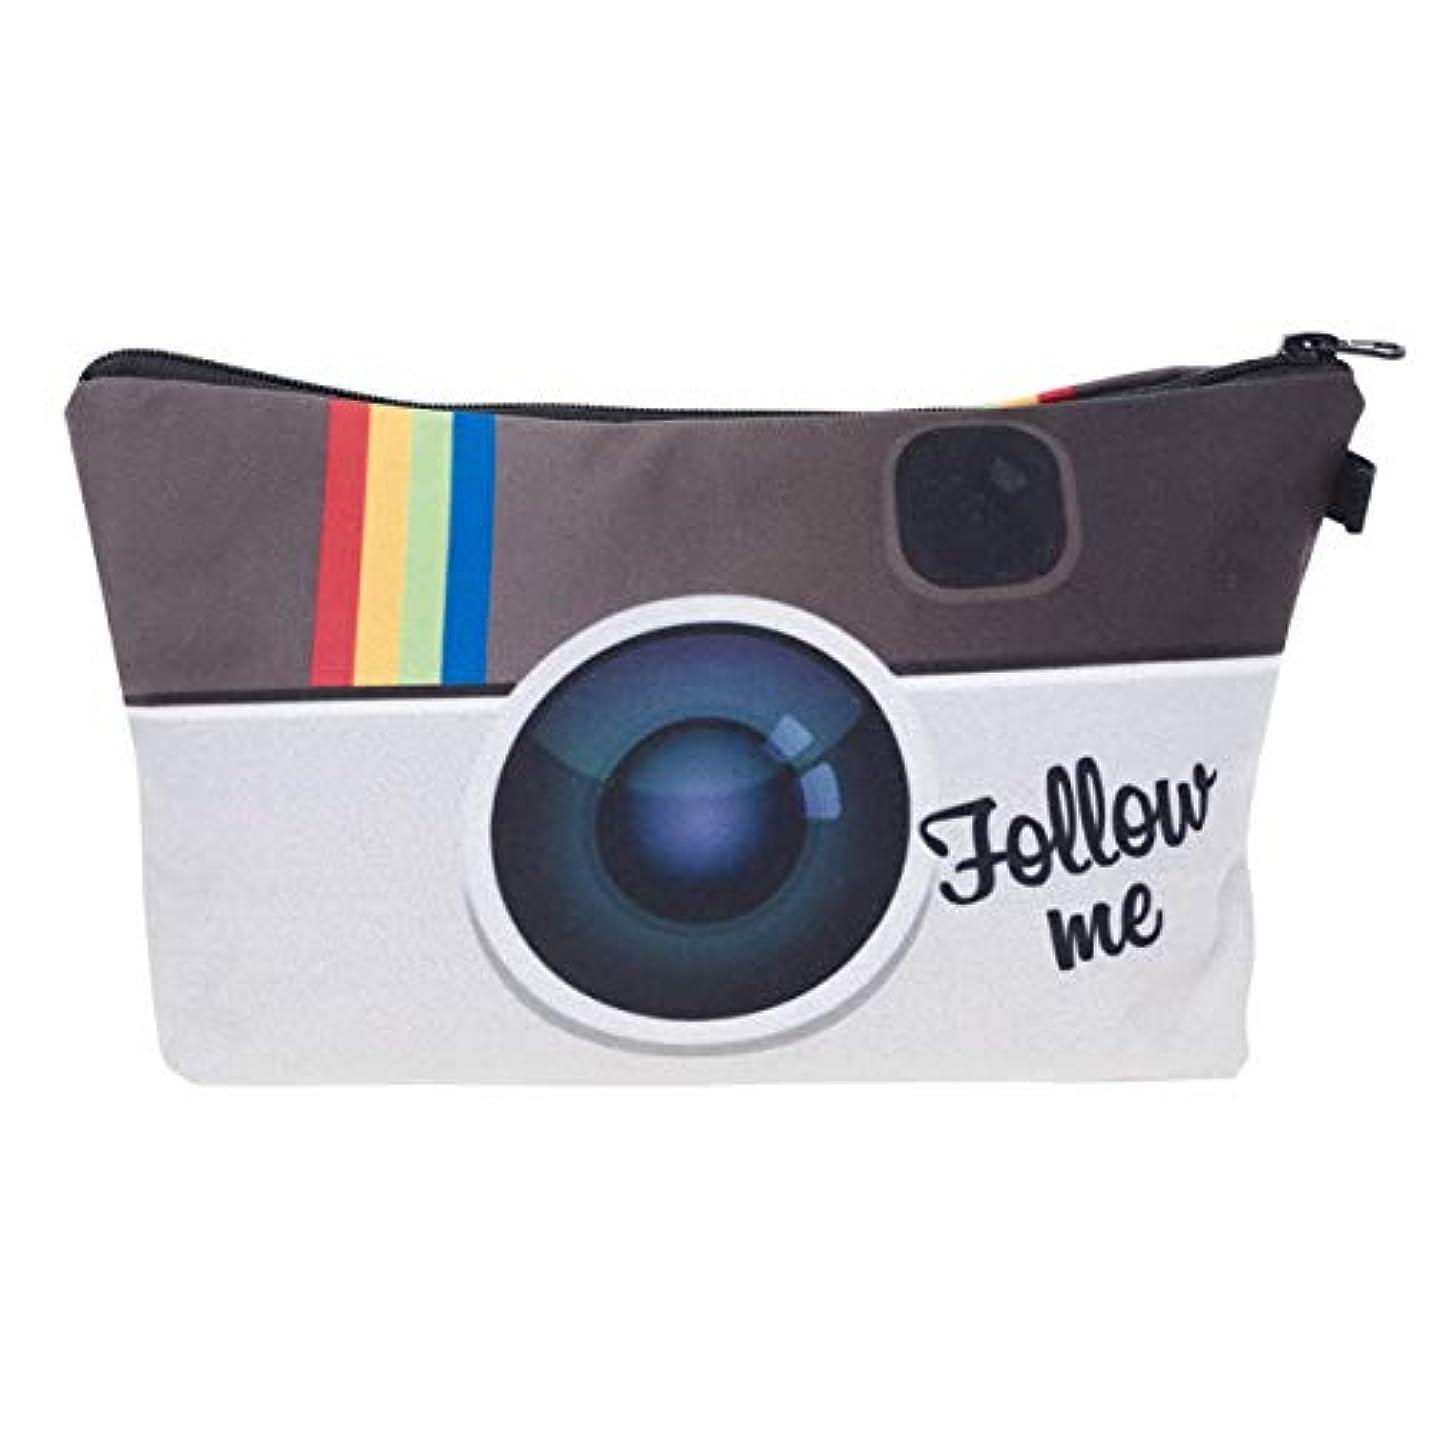 灰スズメバチテレックスwijaso 丈夫な3 D印刷カメラは、旅行化粧バッグのために化粧品バッグ多機能を投げます(None 01)